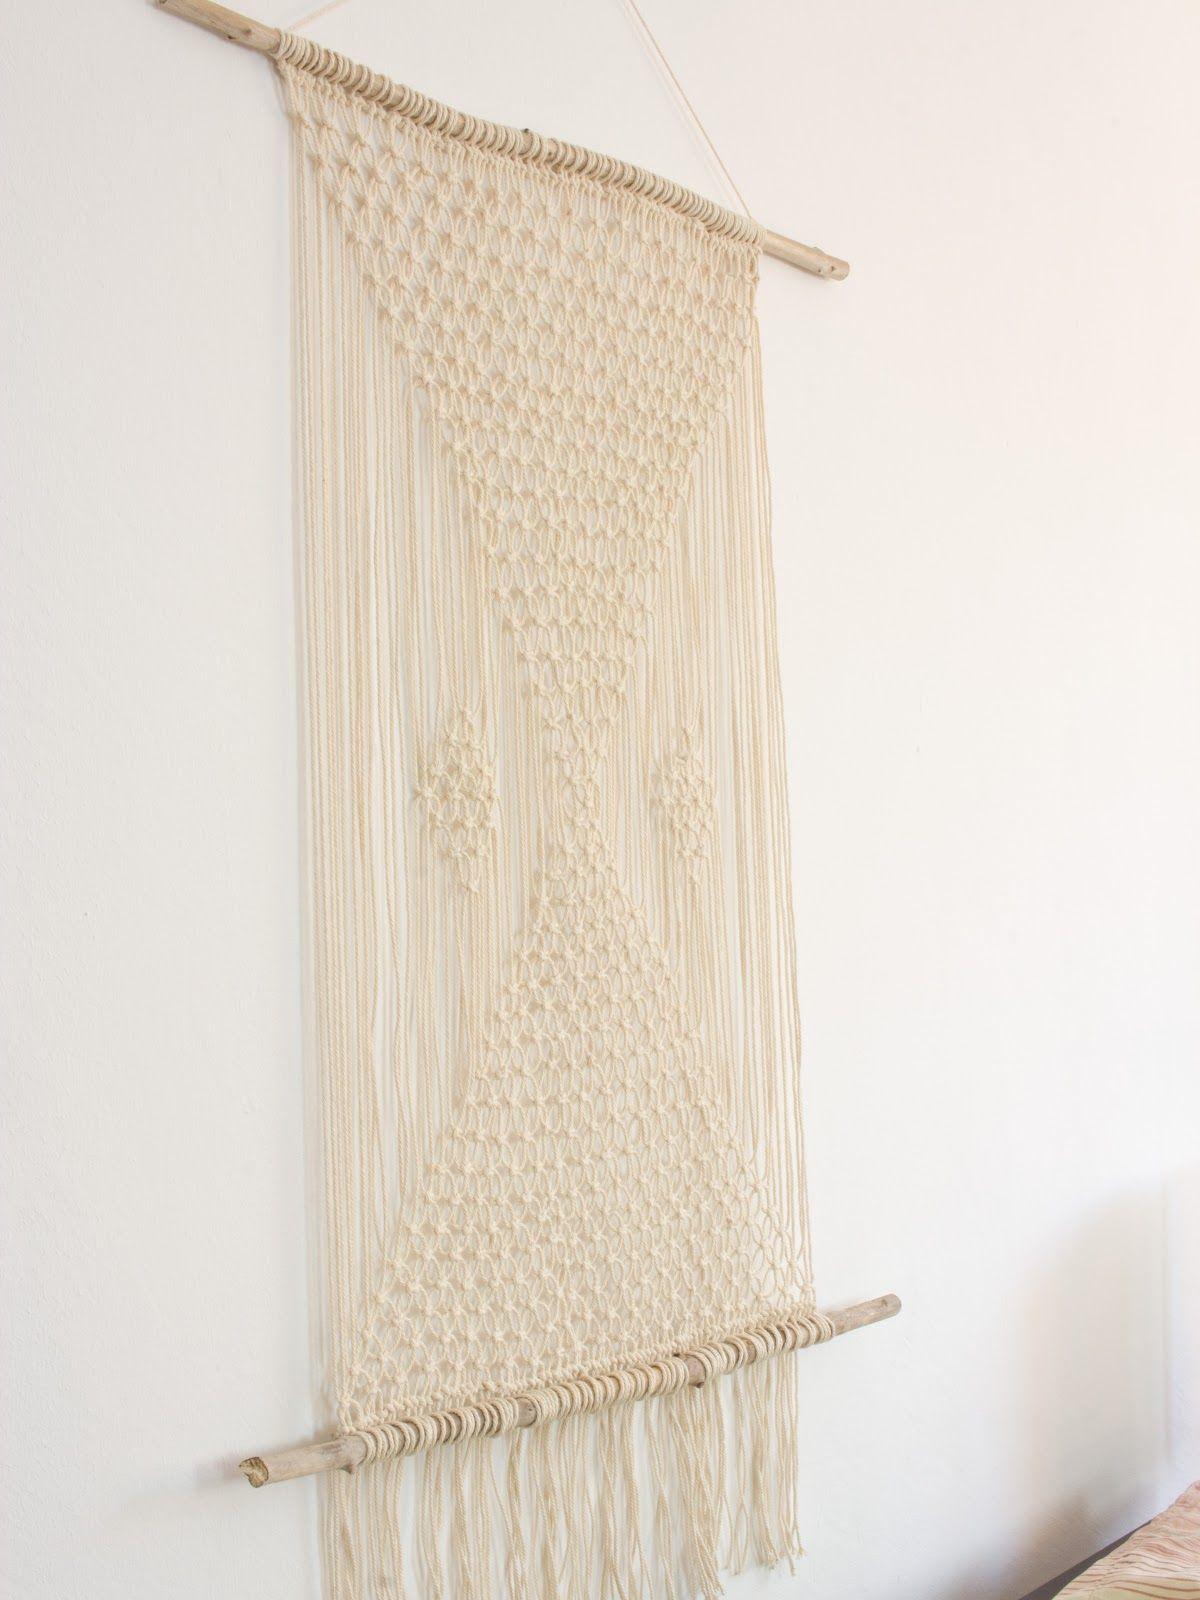 die besten 25 makramee anleitung wandbehang ideen auf pinterest makramee anleitung makramee. Black Bedroom Furniture Sets. Home Design Ideas